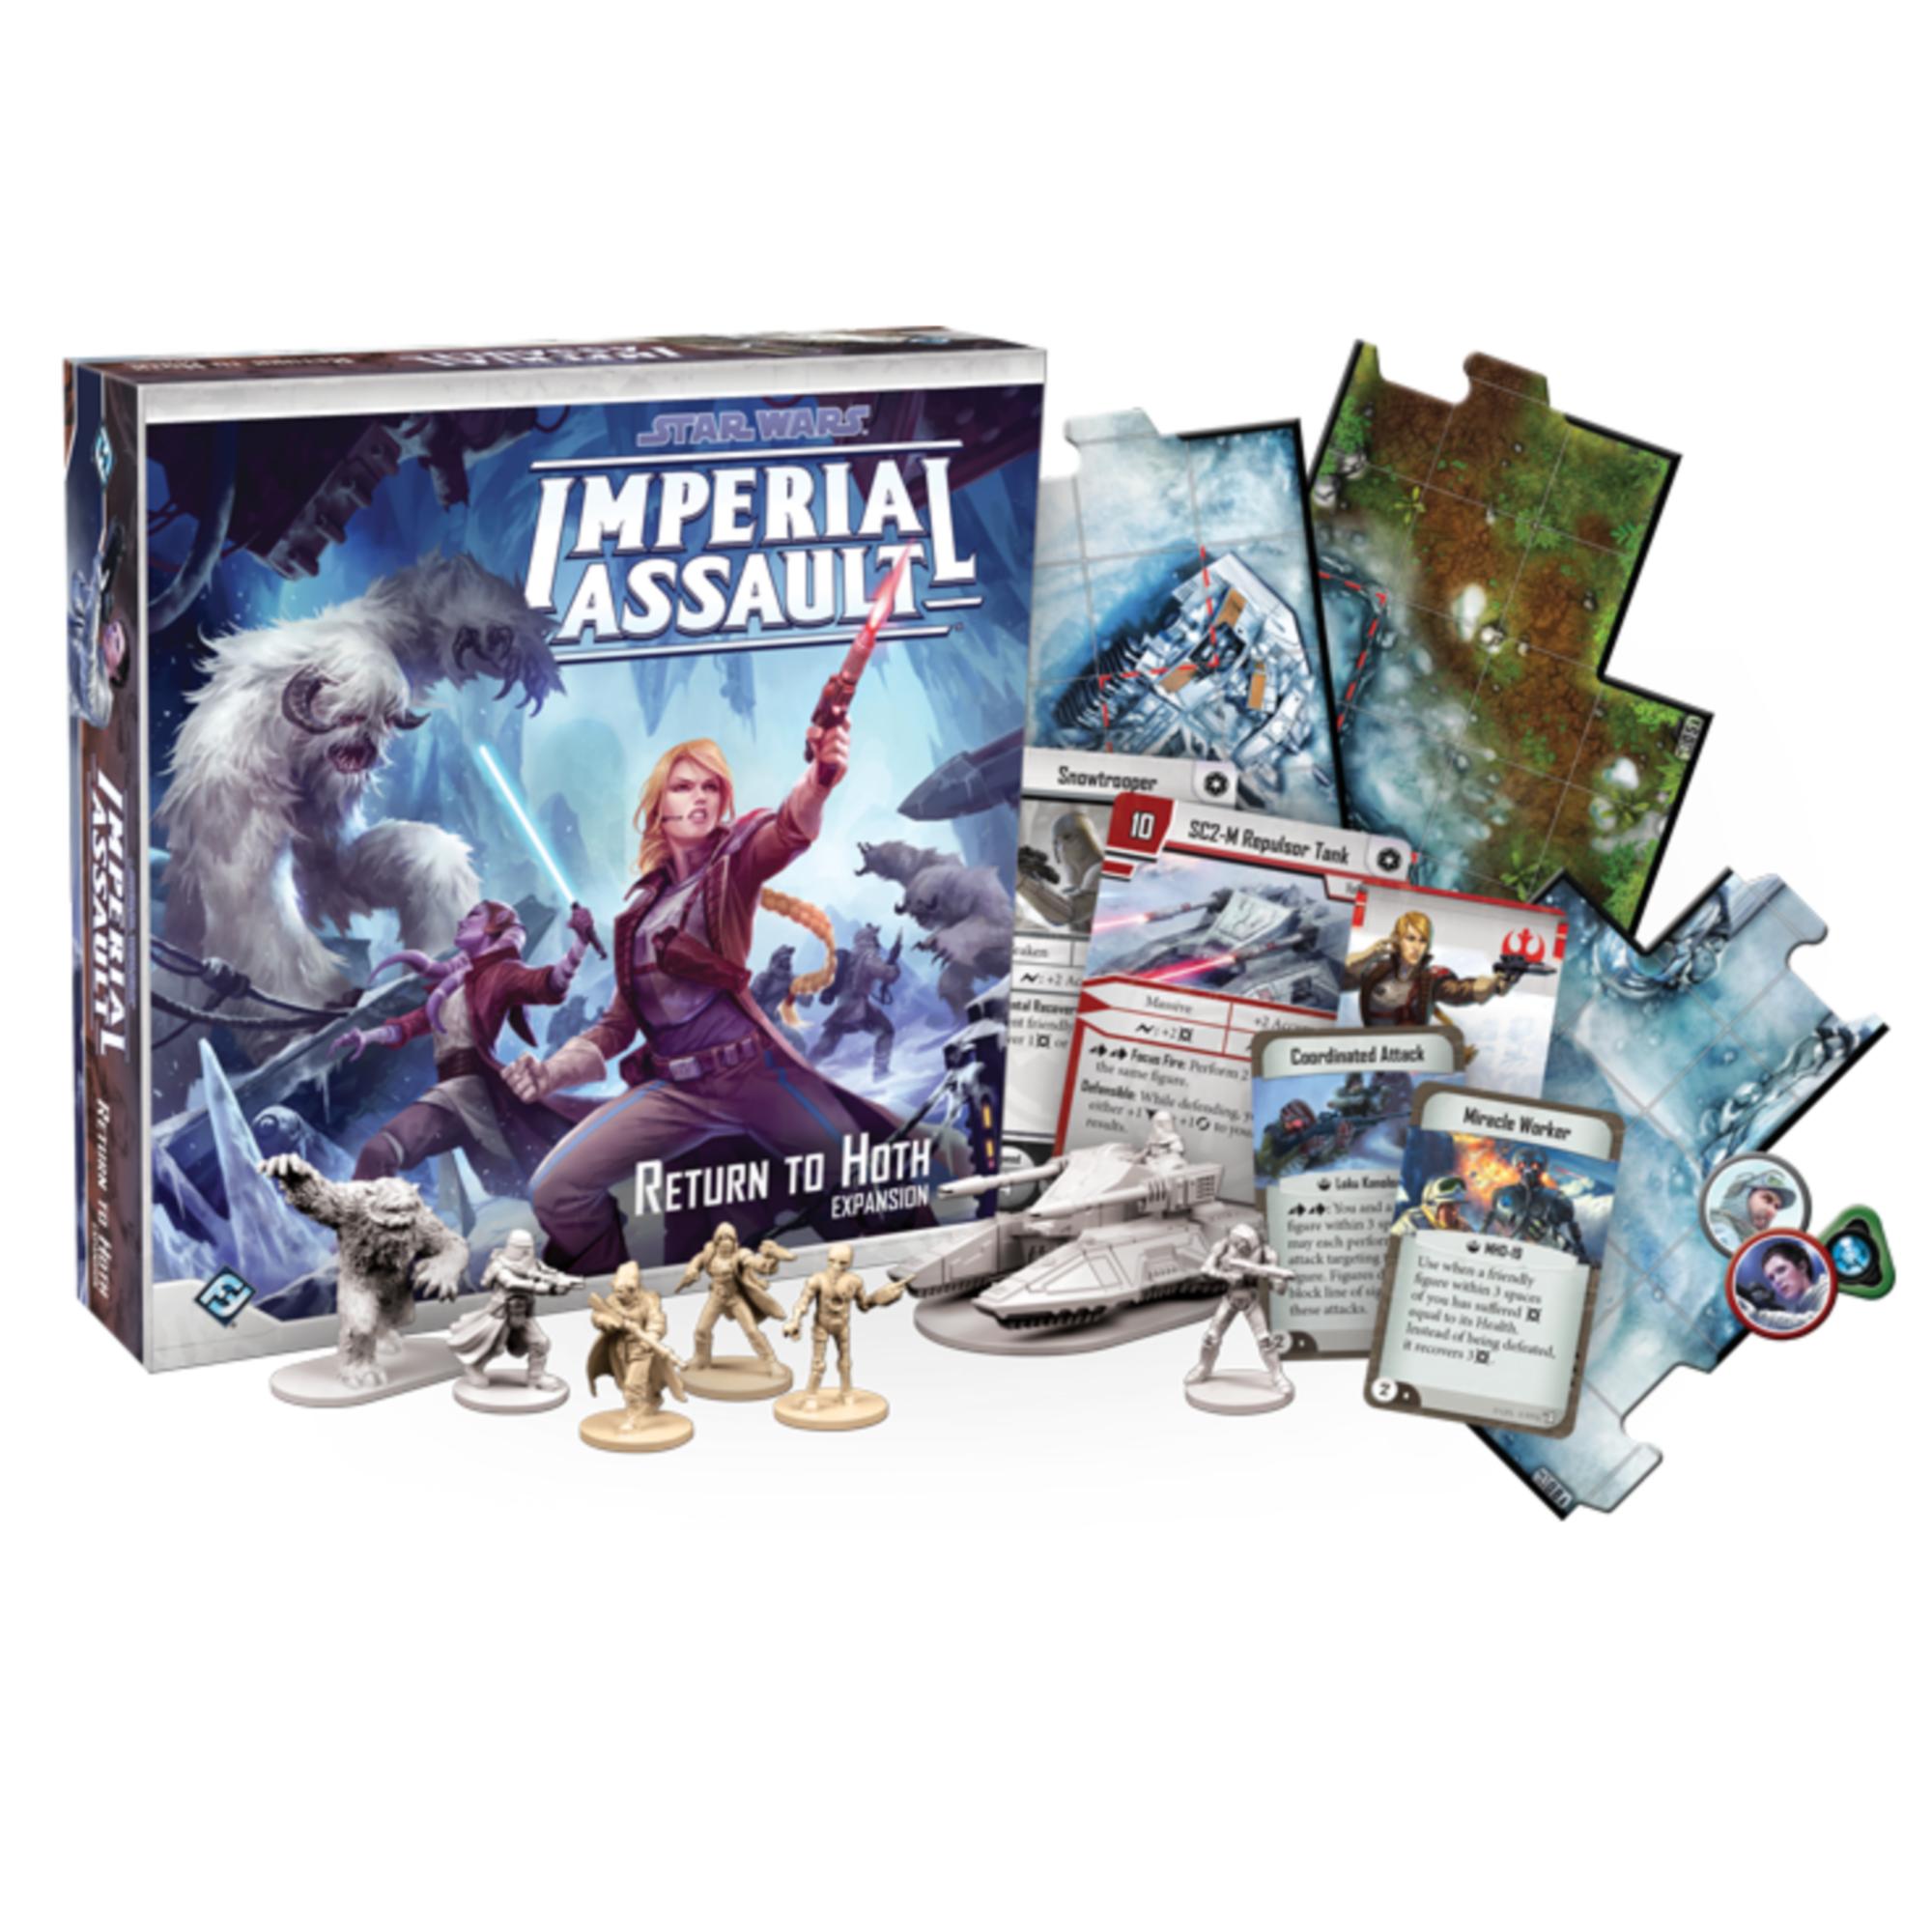 Fantasy Flight Games Star Wars Imperial Assault: Return to Hoth